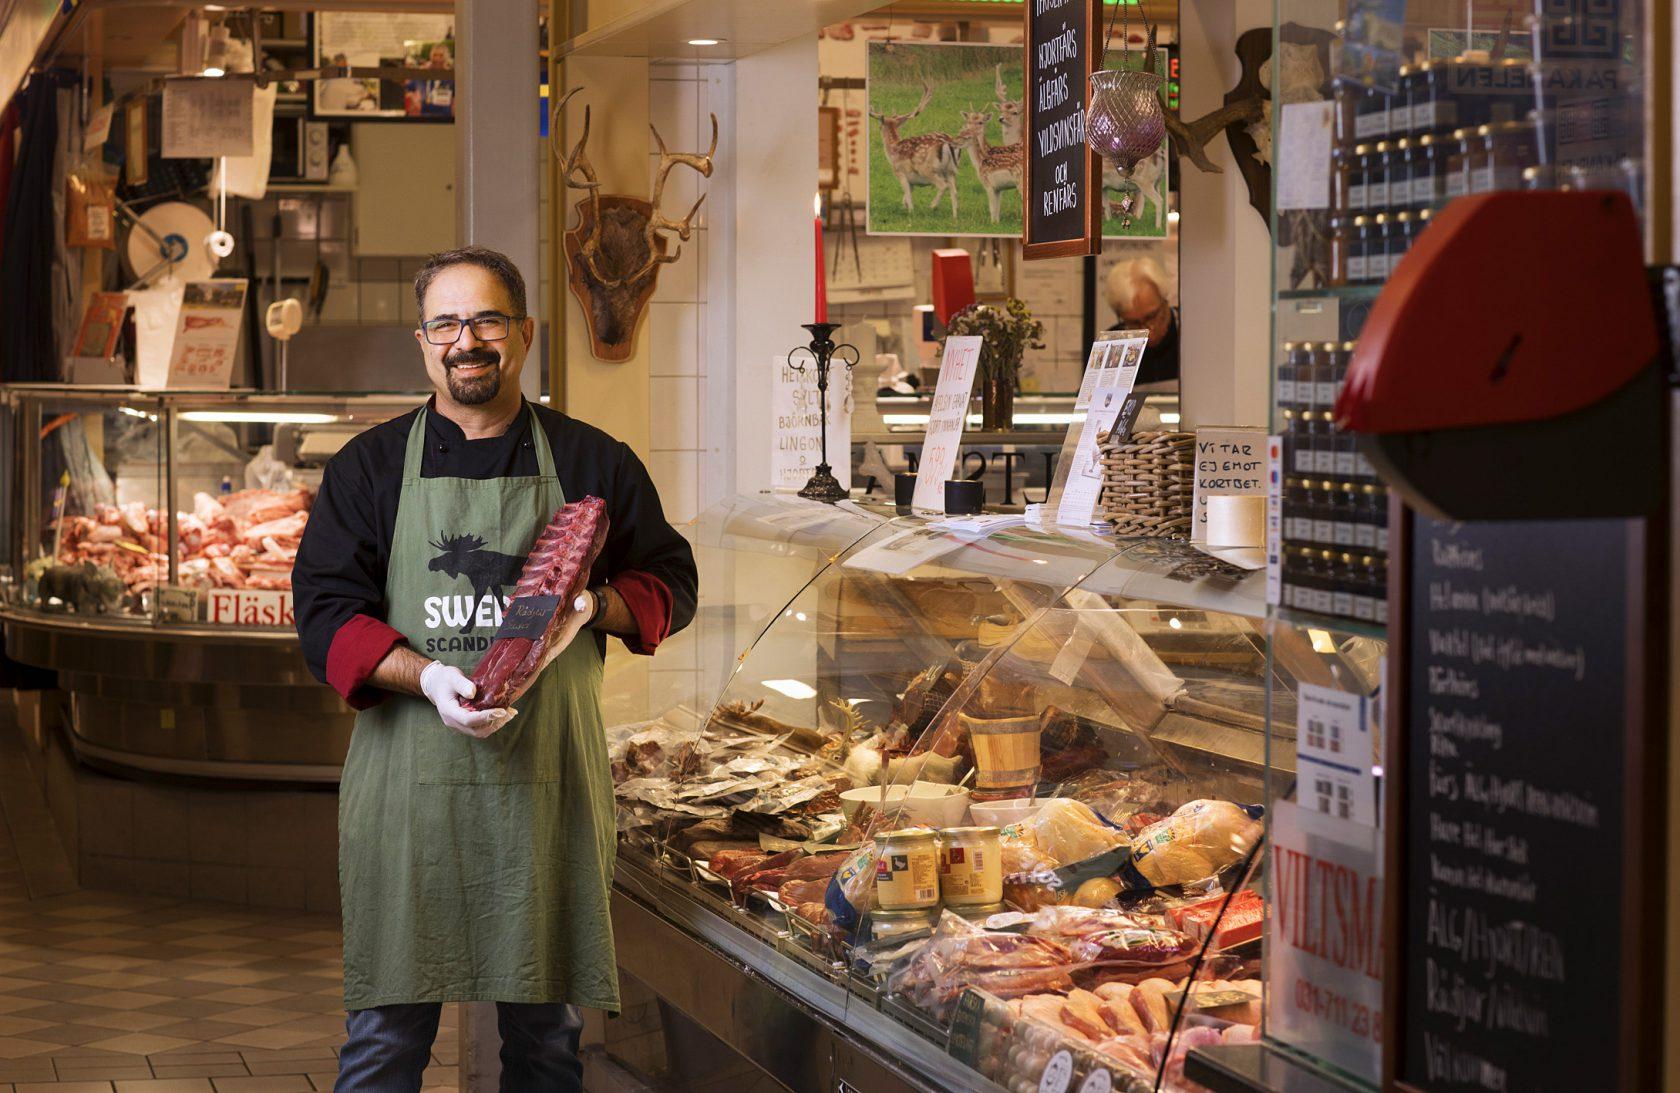 En man i personalen står framför sin handlarbod med ett stycke kött i händerna.